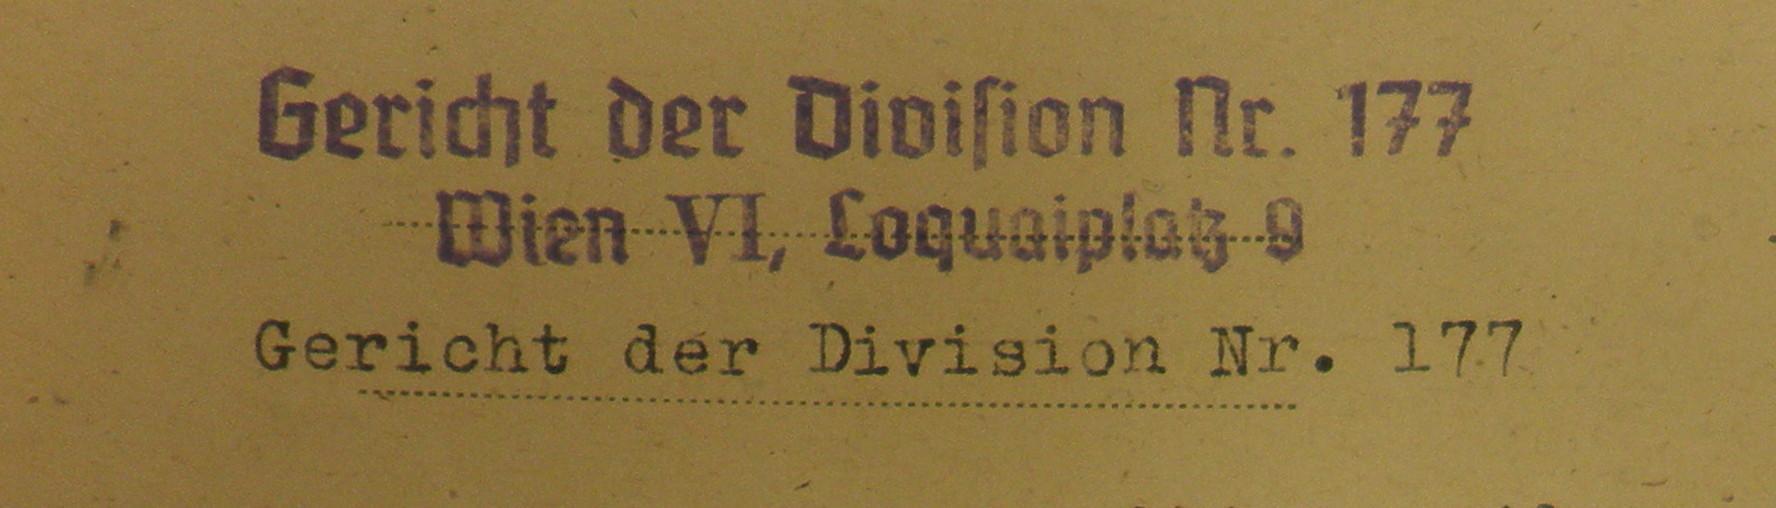 Briefkopf Gericht der Division 177, Standort Loquaiplatz. Bildquellen: Dokumentationsarchiv des österreichischen Widerstands / www.doew.at